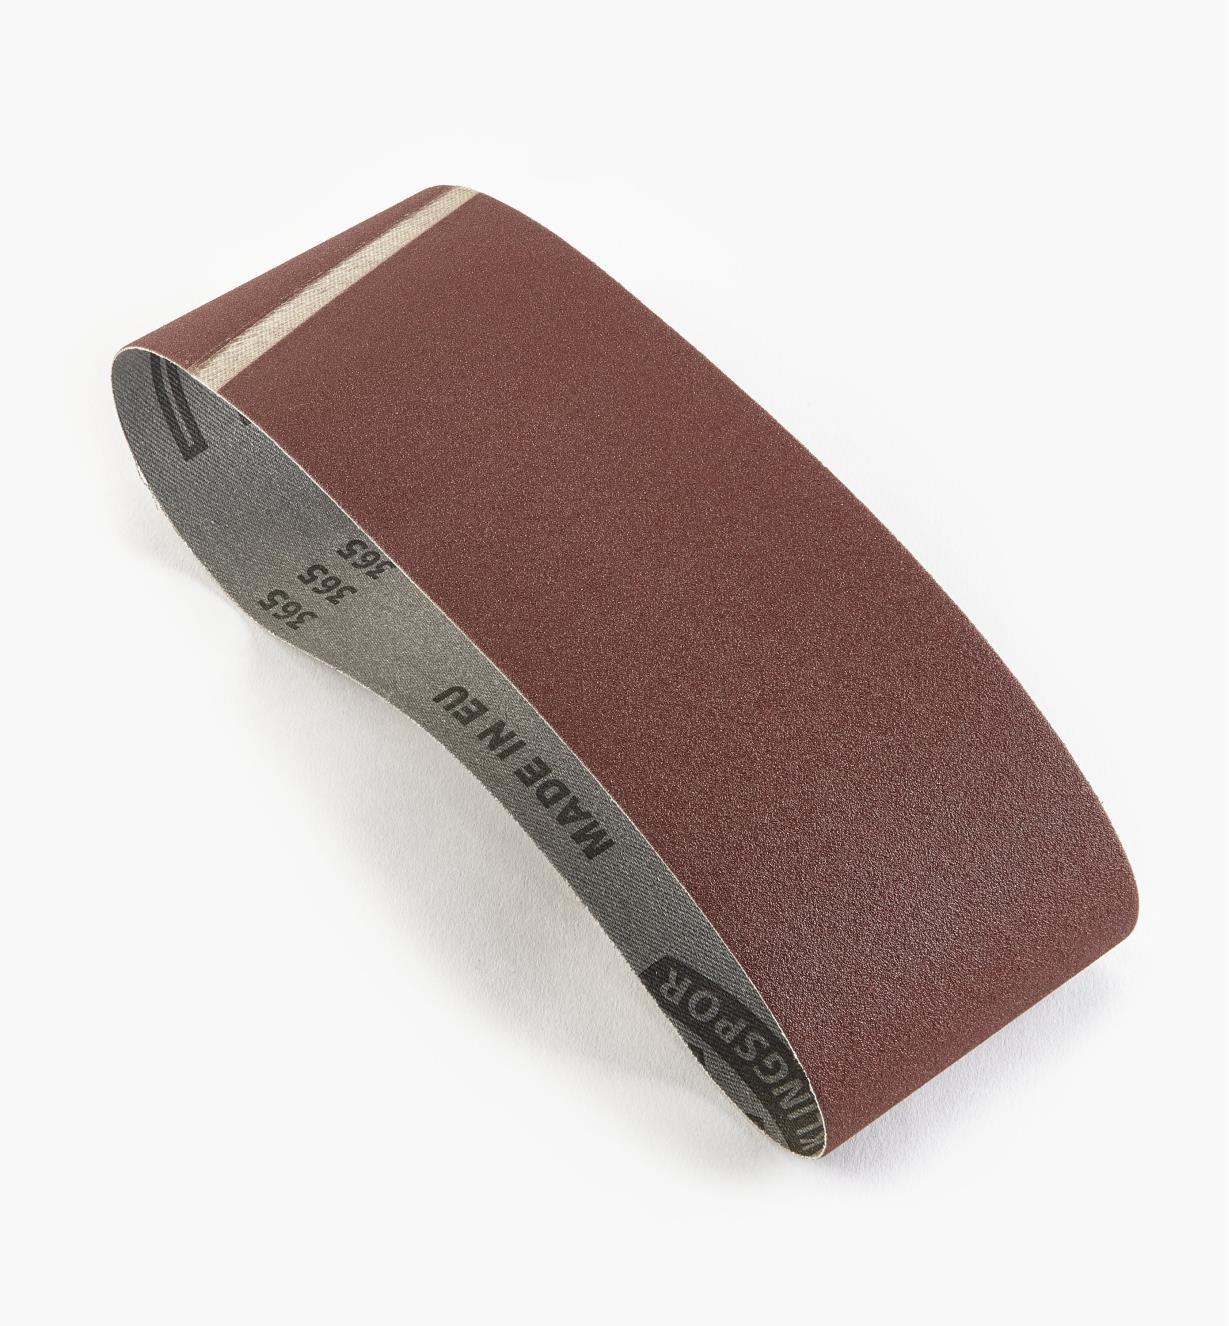 68Z32115 - Courroiede grain 150, 3pox21po, l'unité